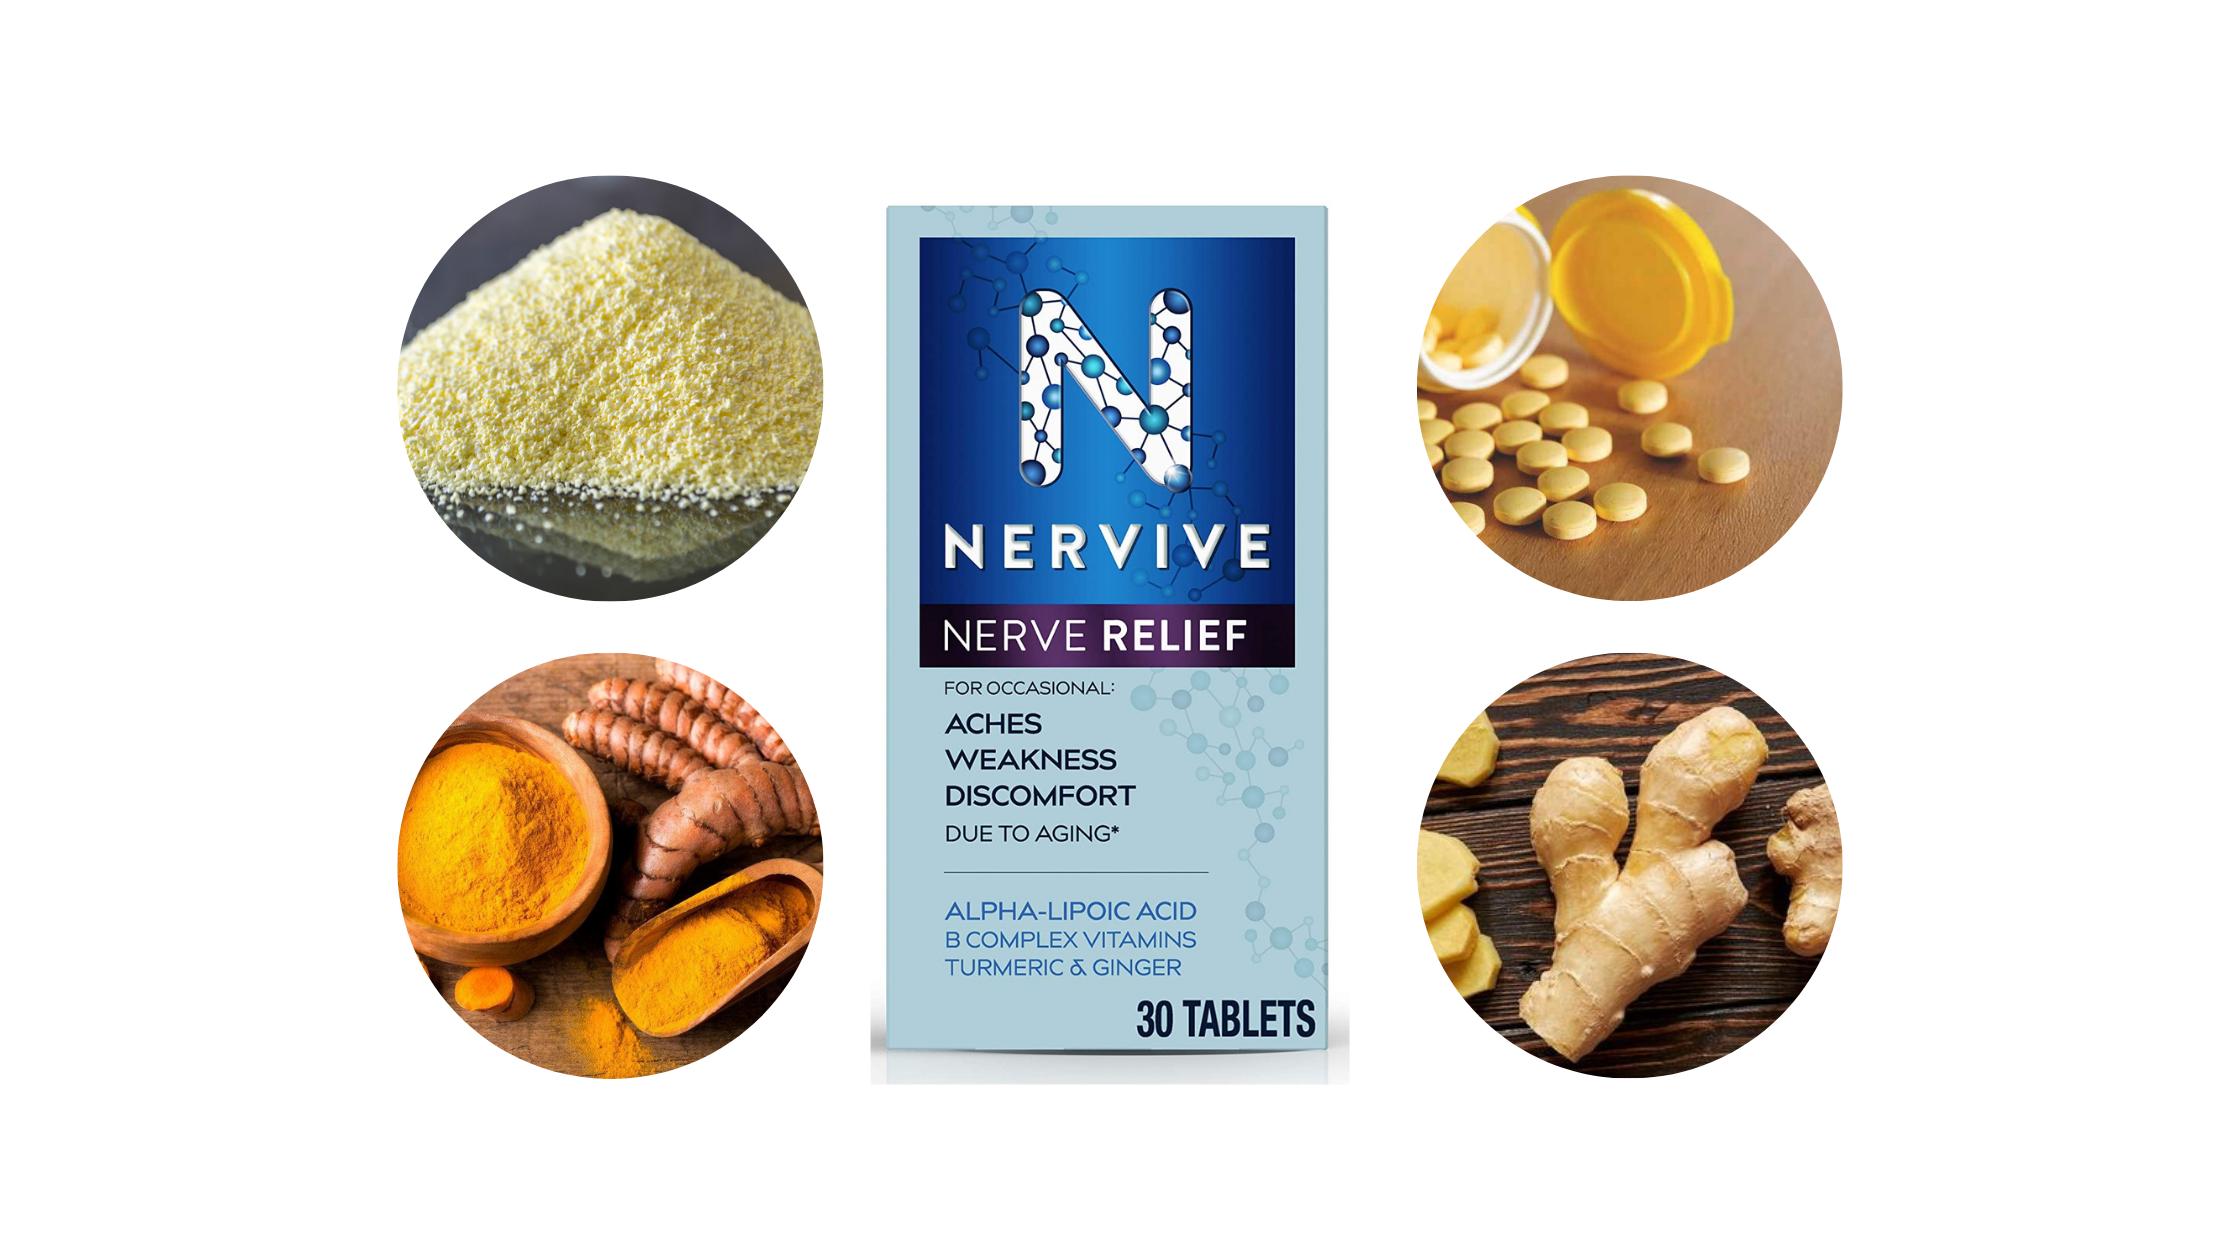 Nervive Nerve Relief Capsule Ingredients